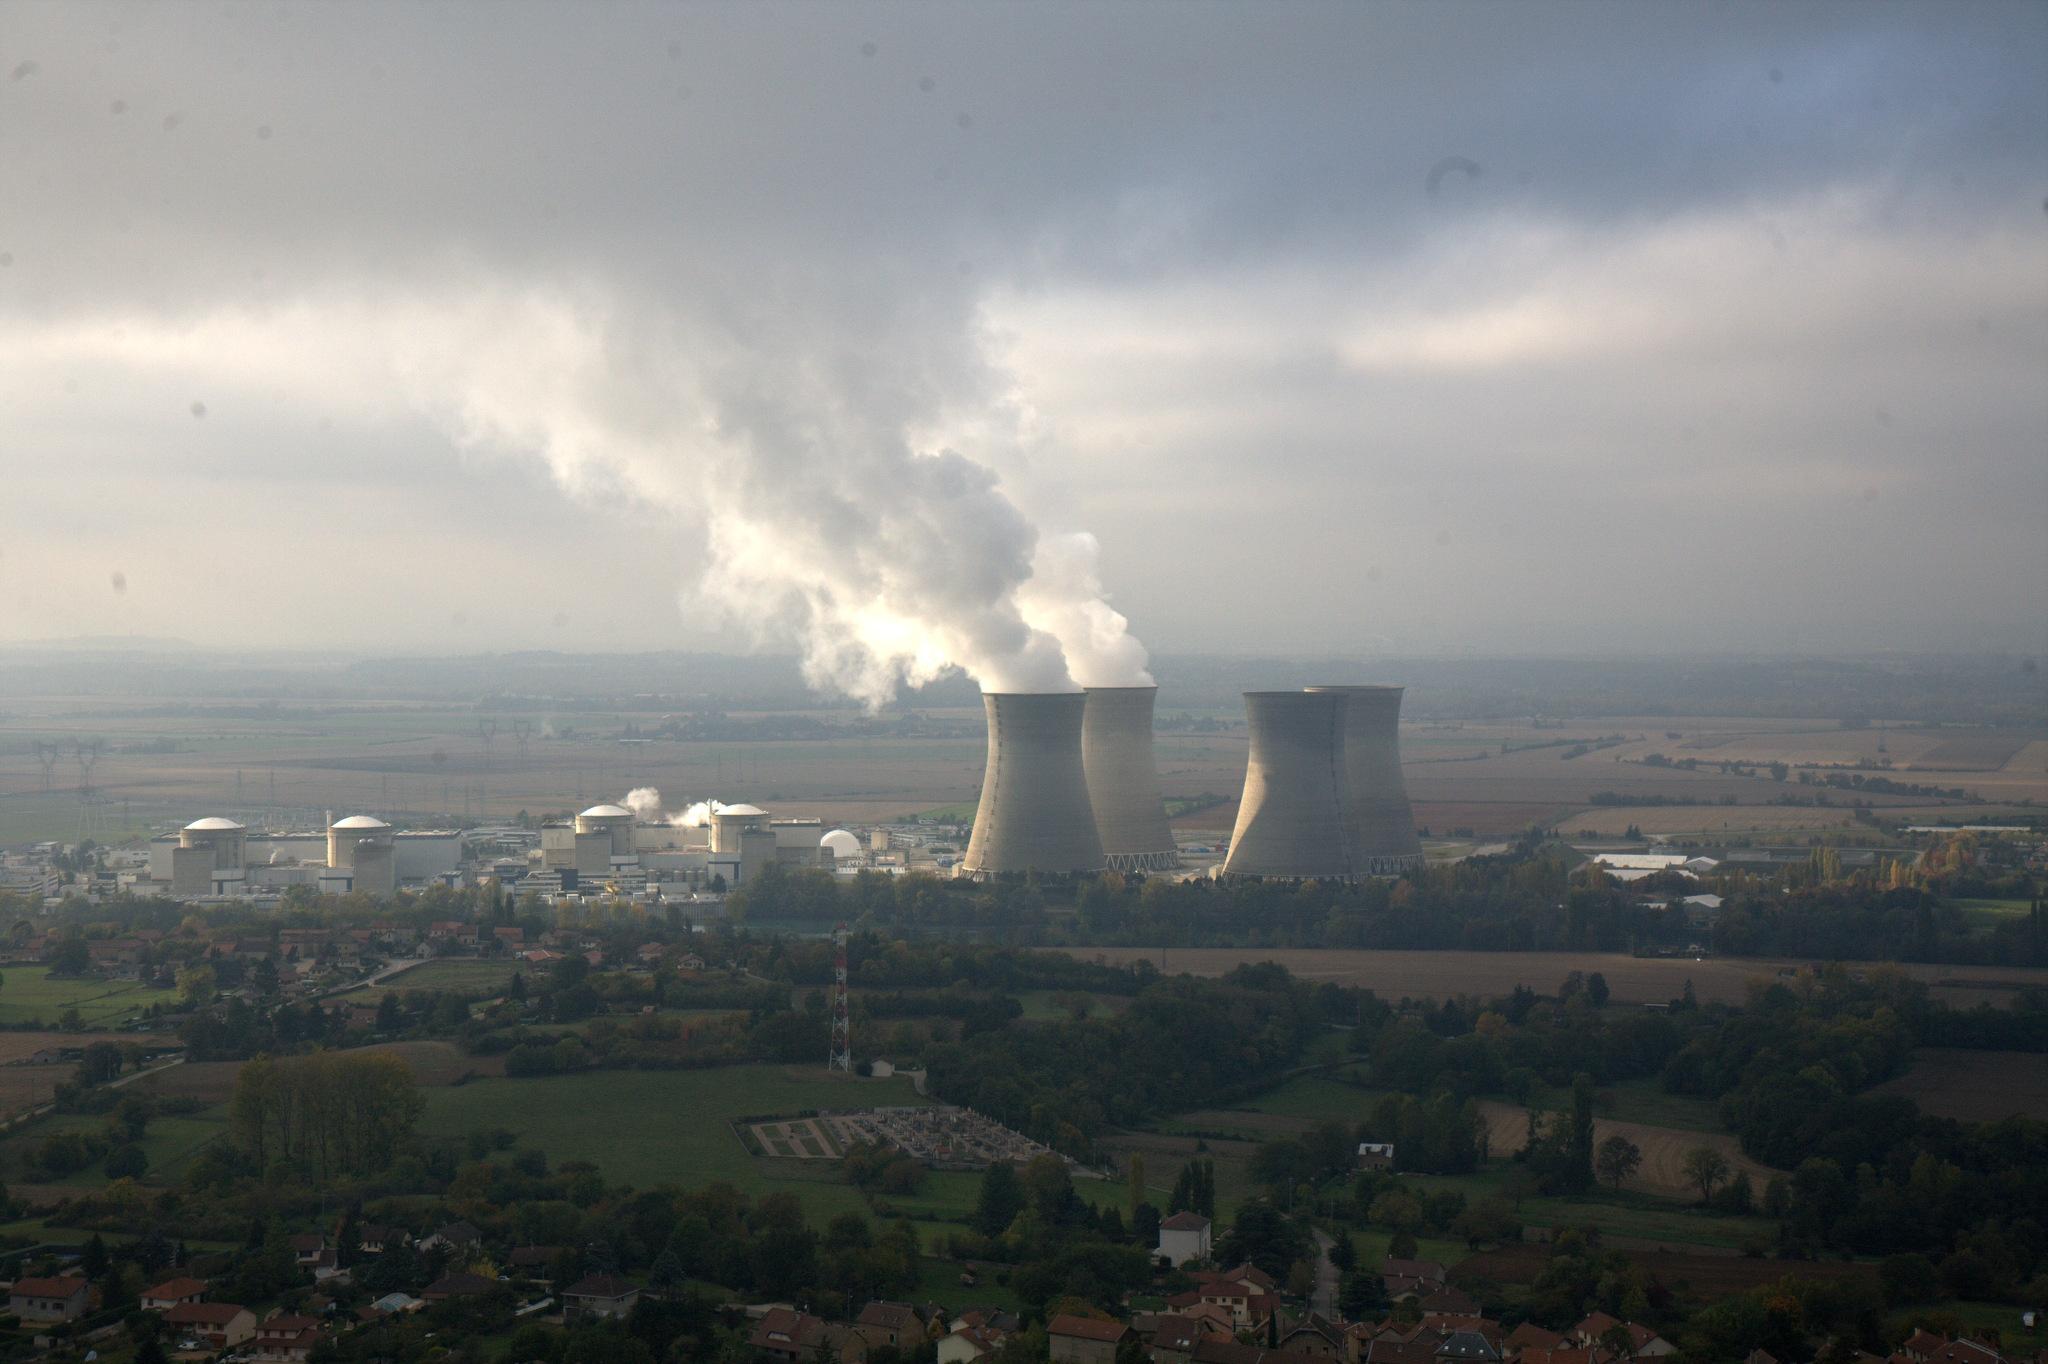 Kraftorte in der weiten Ebene: Blick auf das Kernkraftwerk Bugey bei Lyon mit vier 128 m hohen Kühltürmen und zwei Dampffahnen